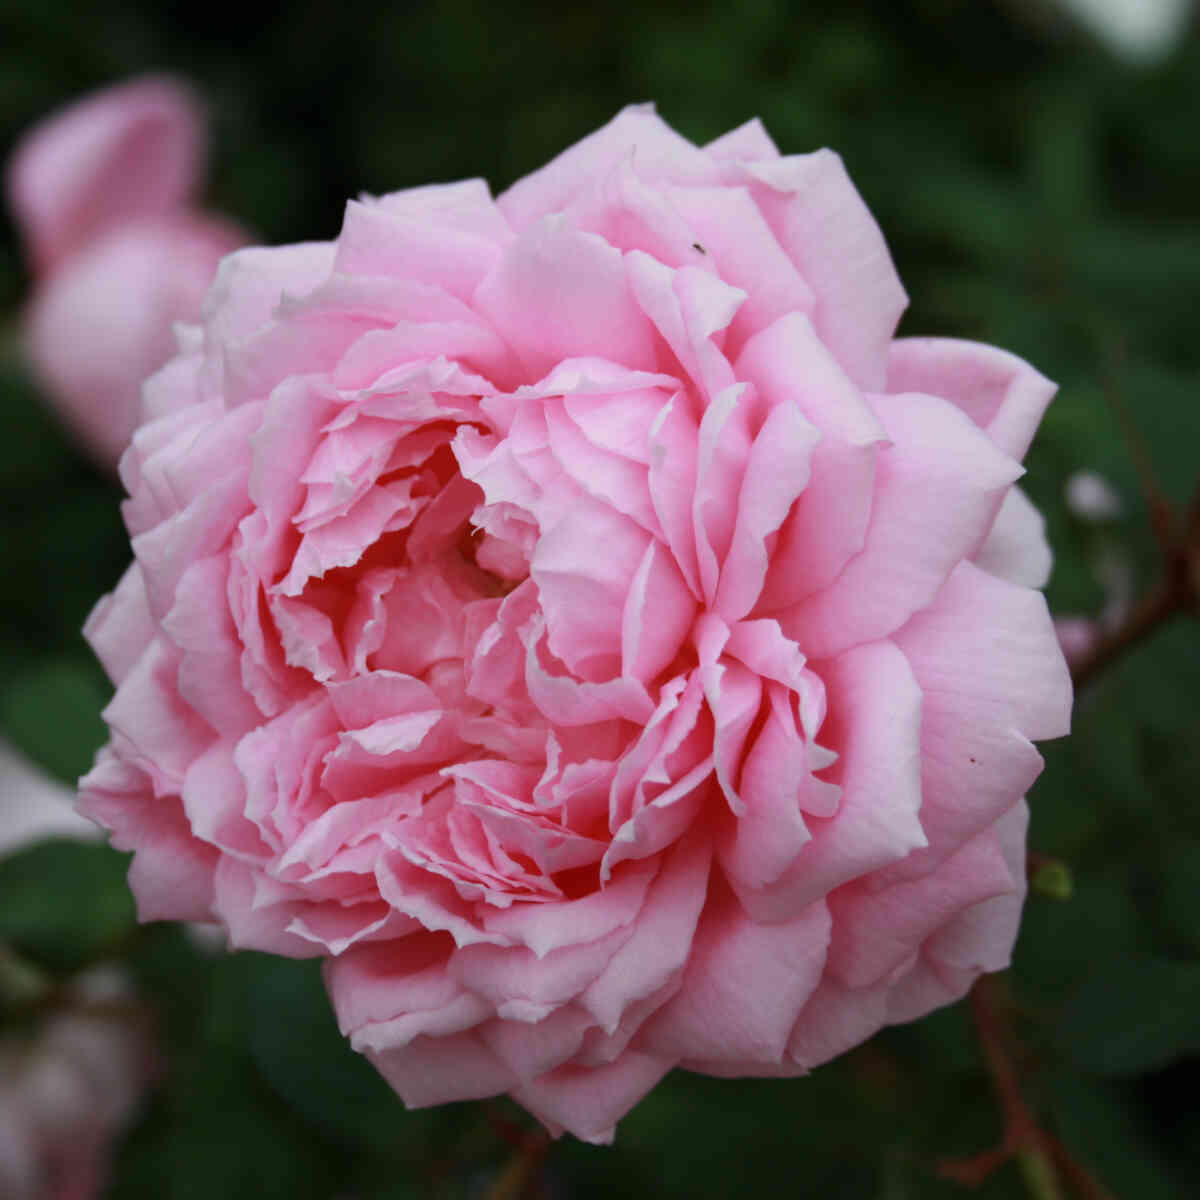 Rose 'Alan Titchmarsh'